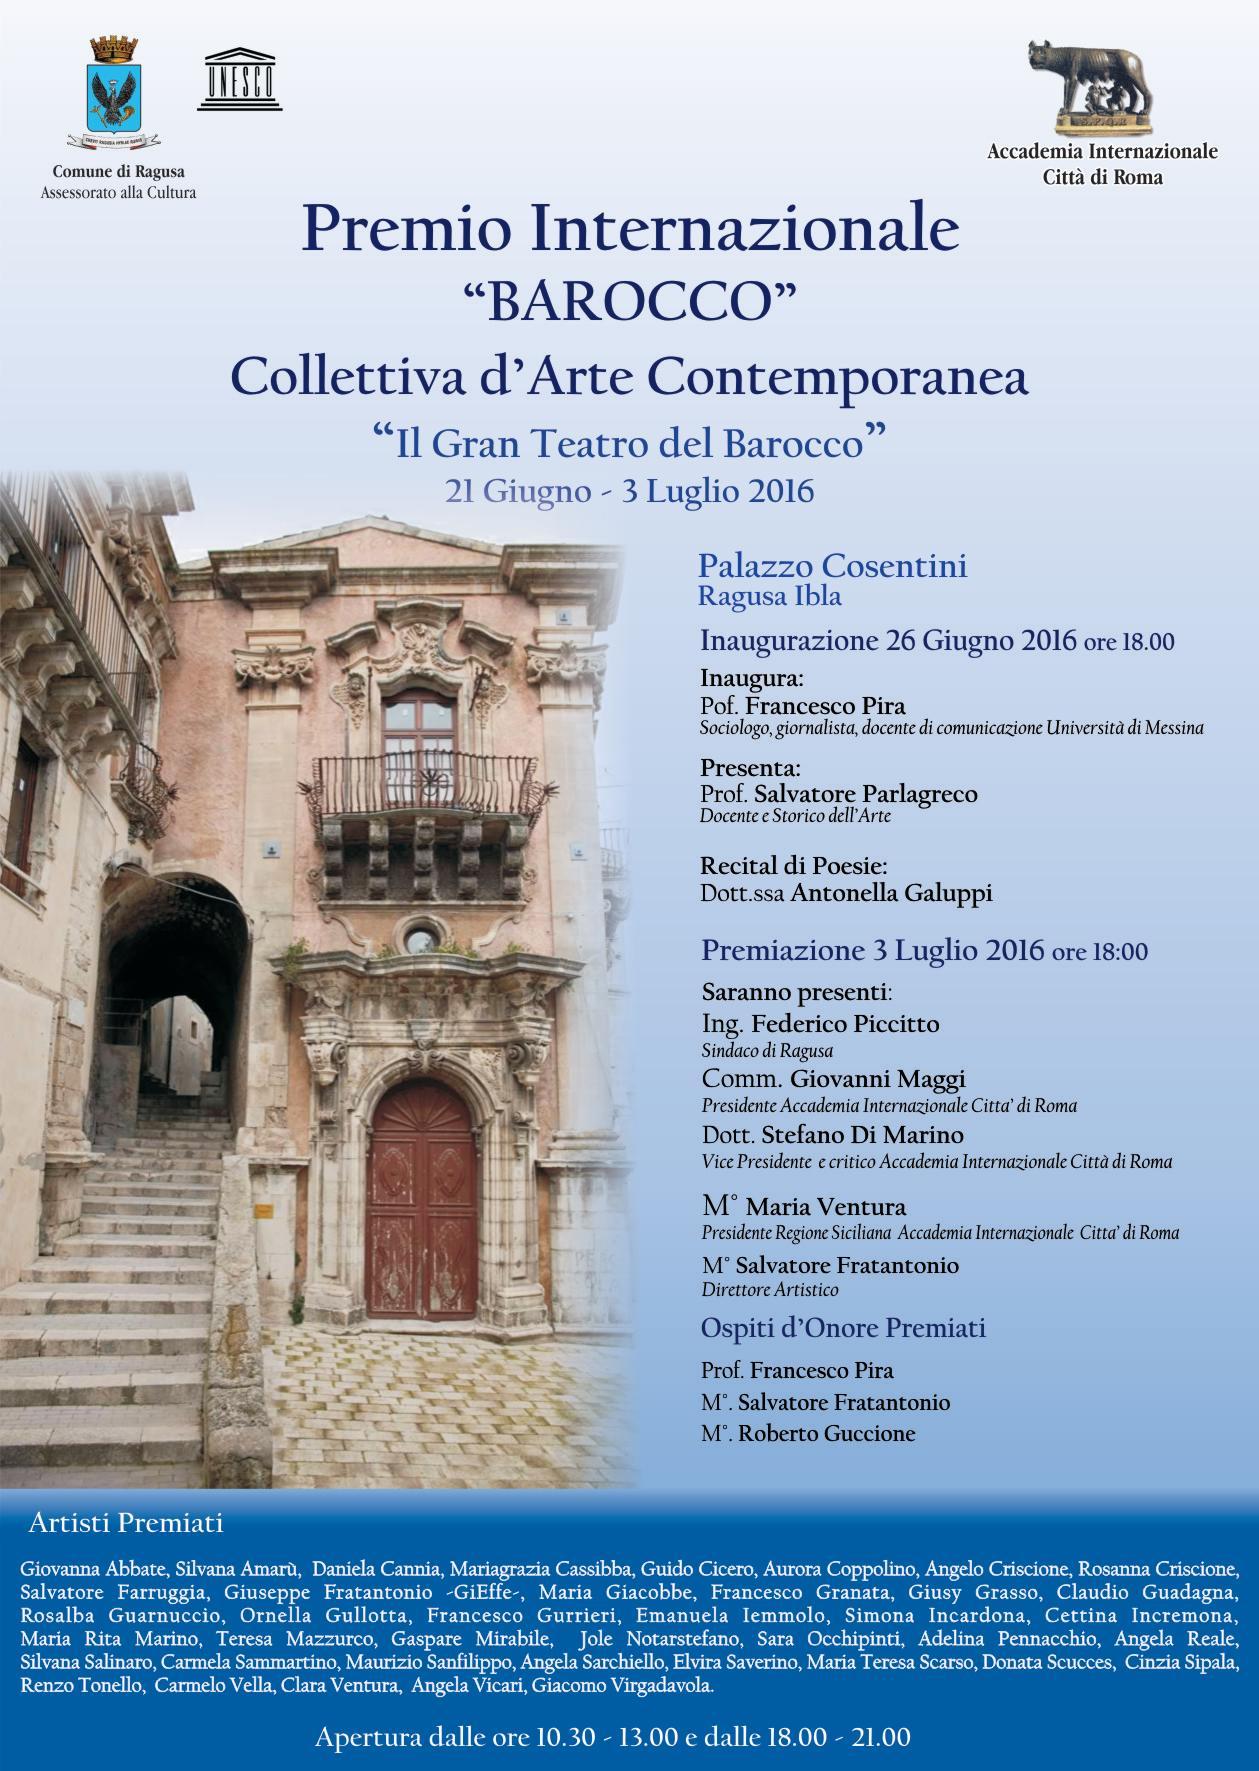 Ragusa, dal 21 giugno al 3 luglio si svolge il Premio Internazionale Barocco